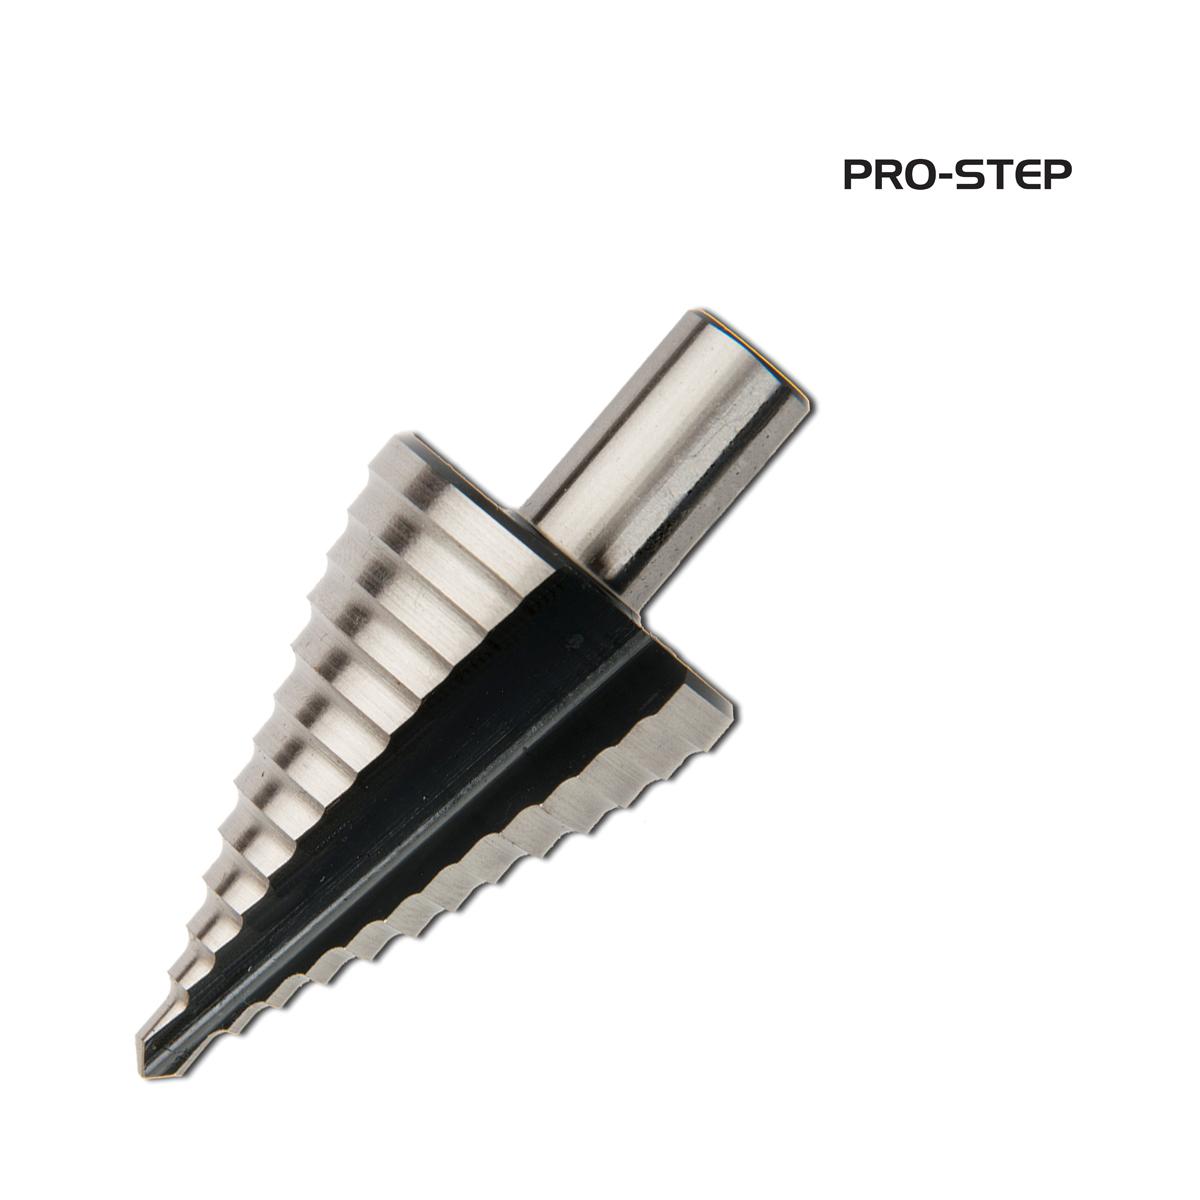 Pro-Step